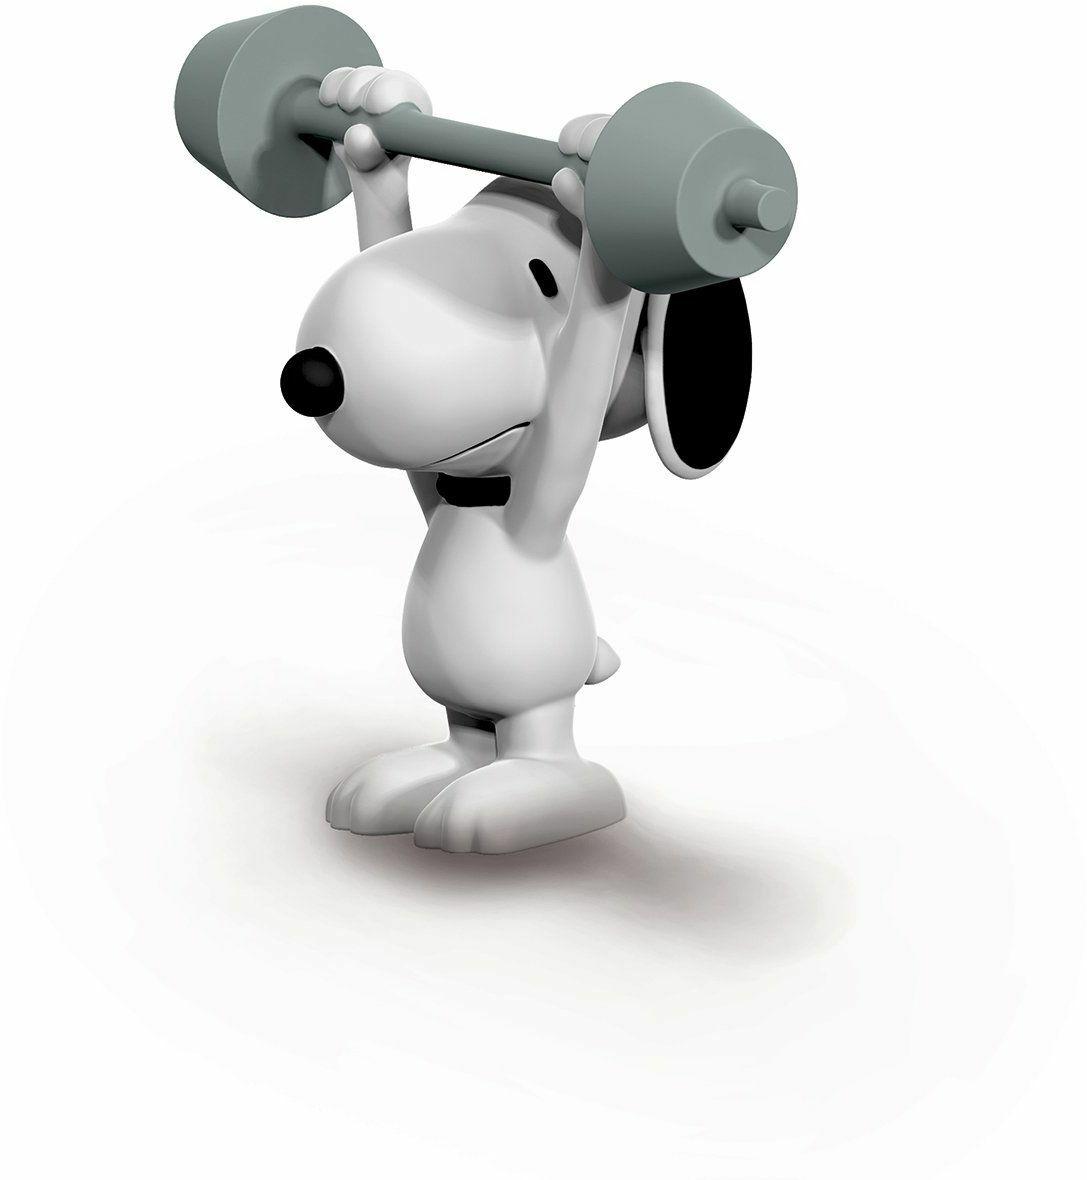 Zabawki Snoopy